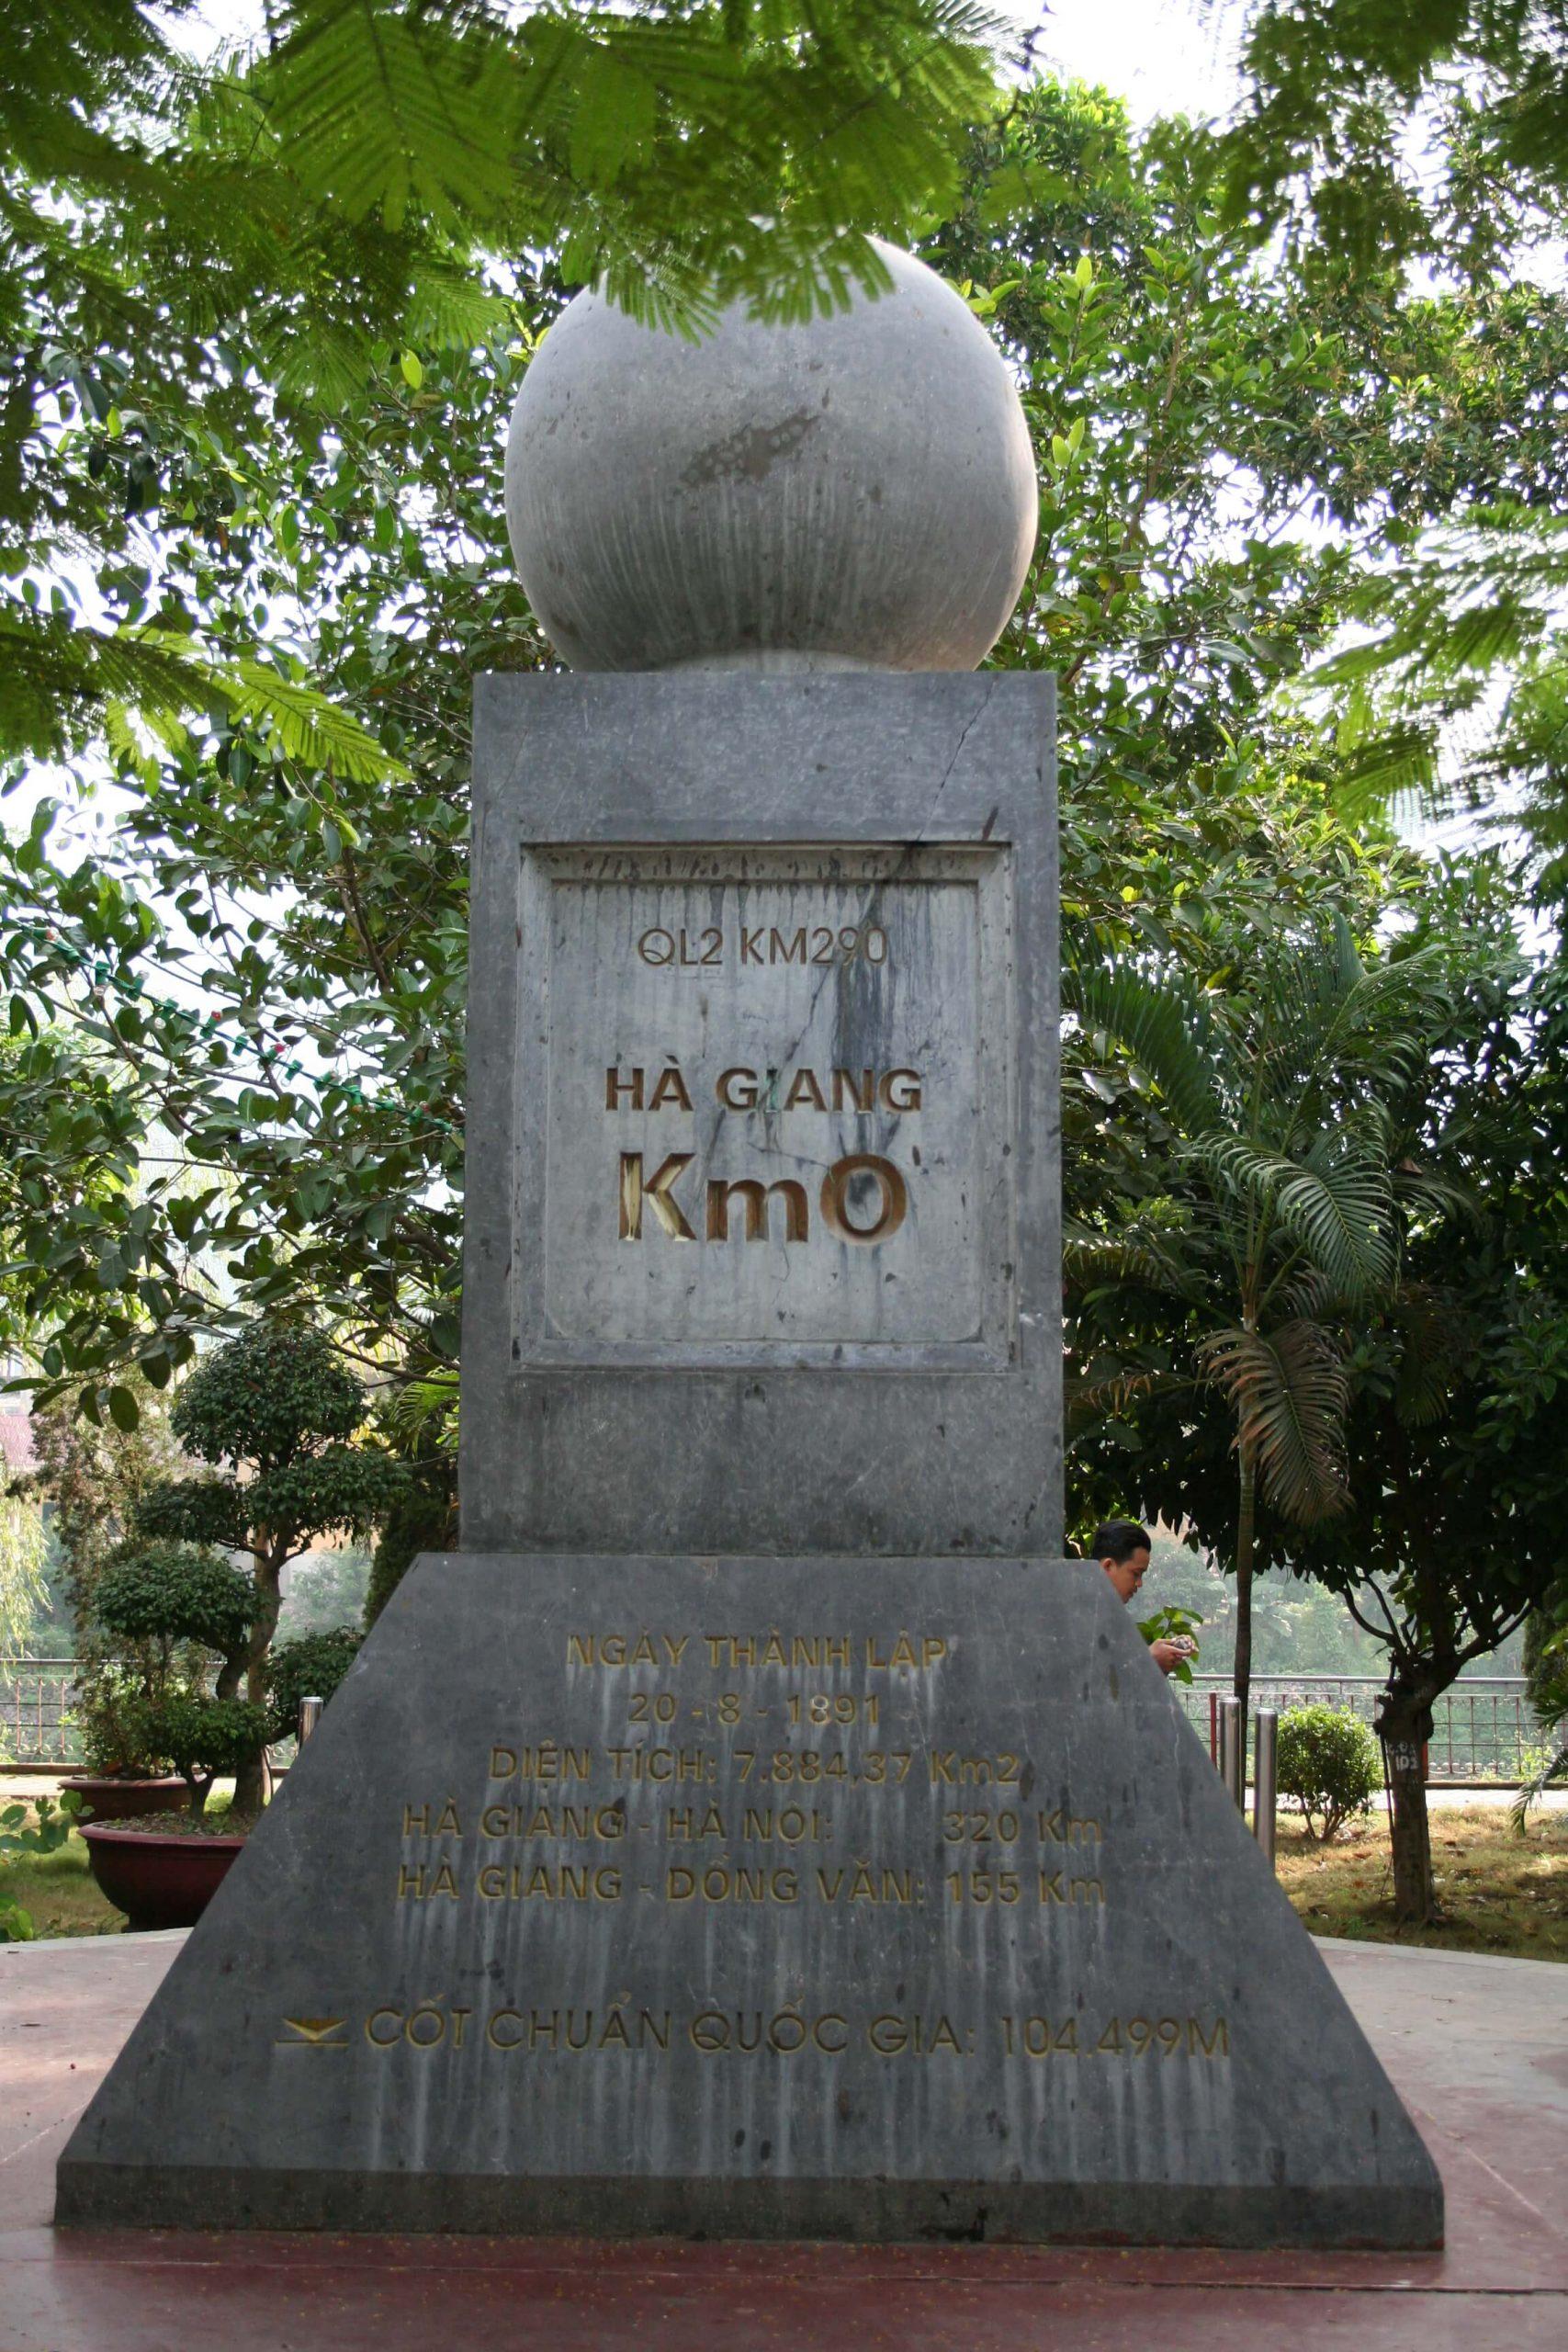 Cột mốc số 0 Hà Giang - Trải nghiệm du lịch Hà Giang